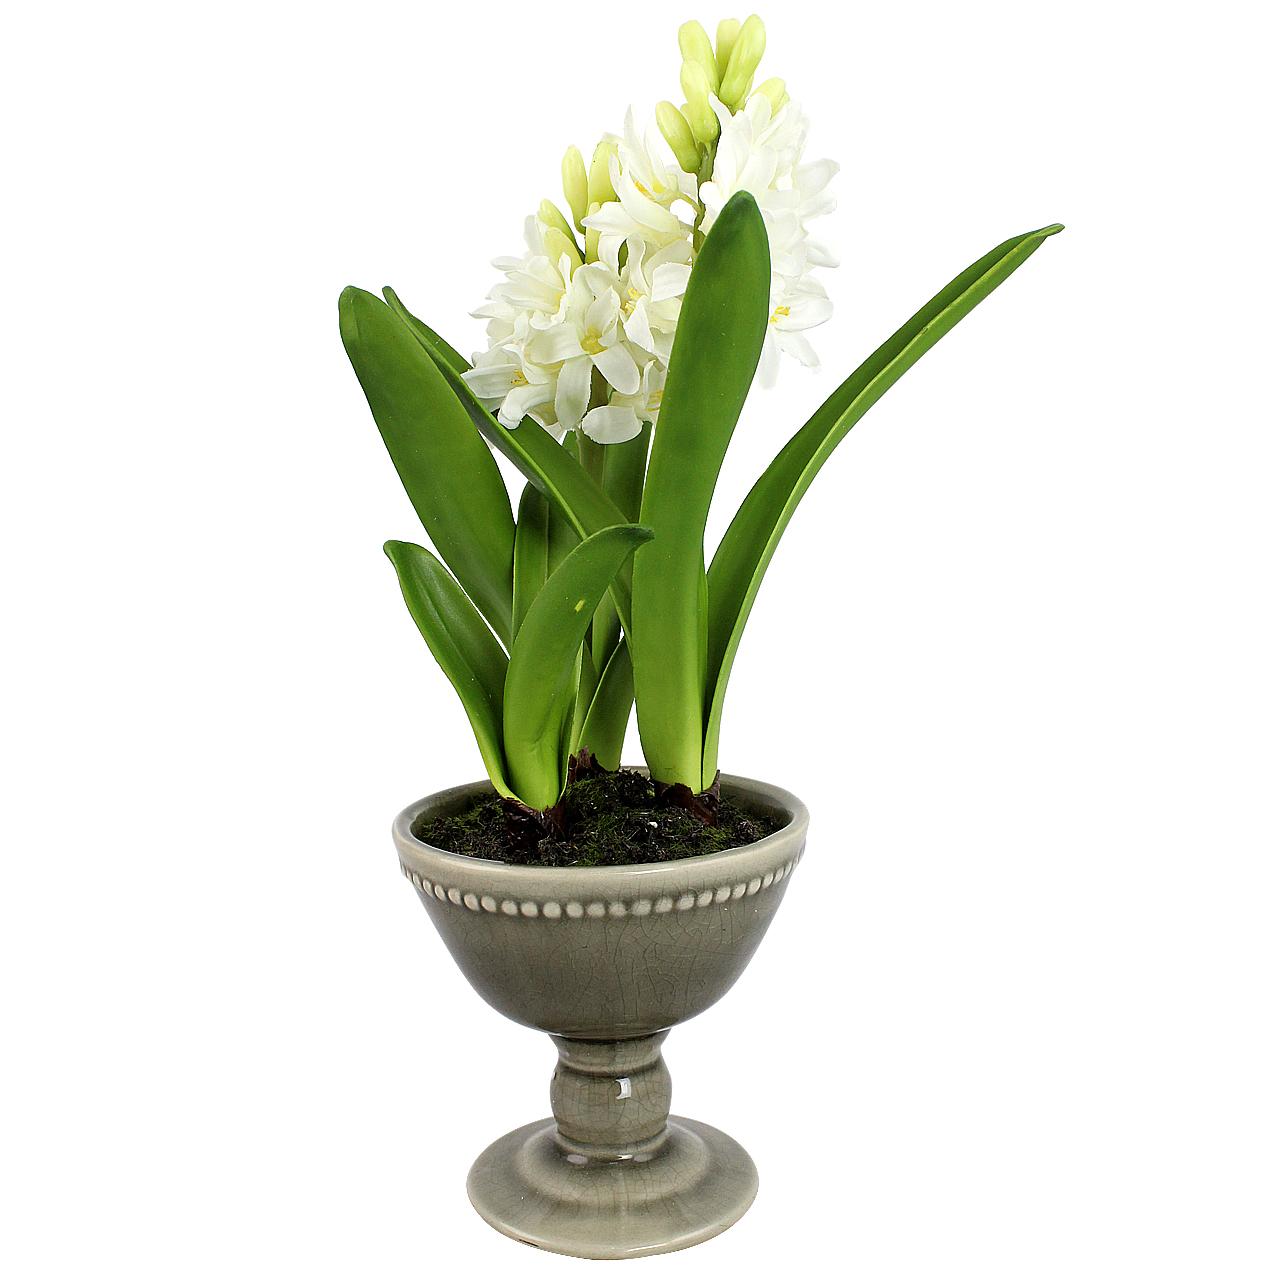 Floare Artificiala Zambila In Ghiveci Gri 31 Cm